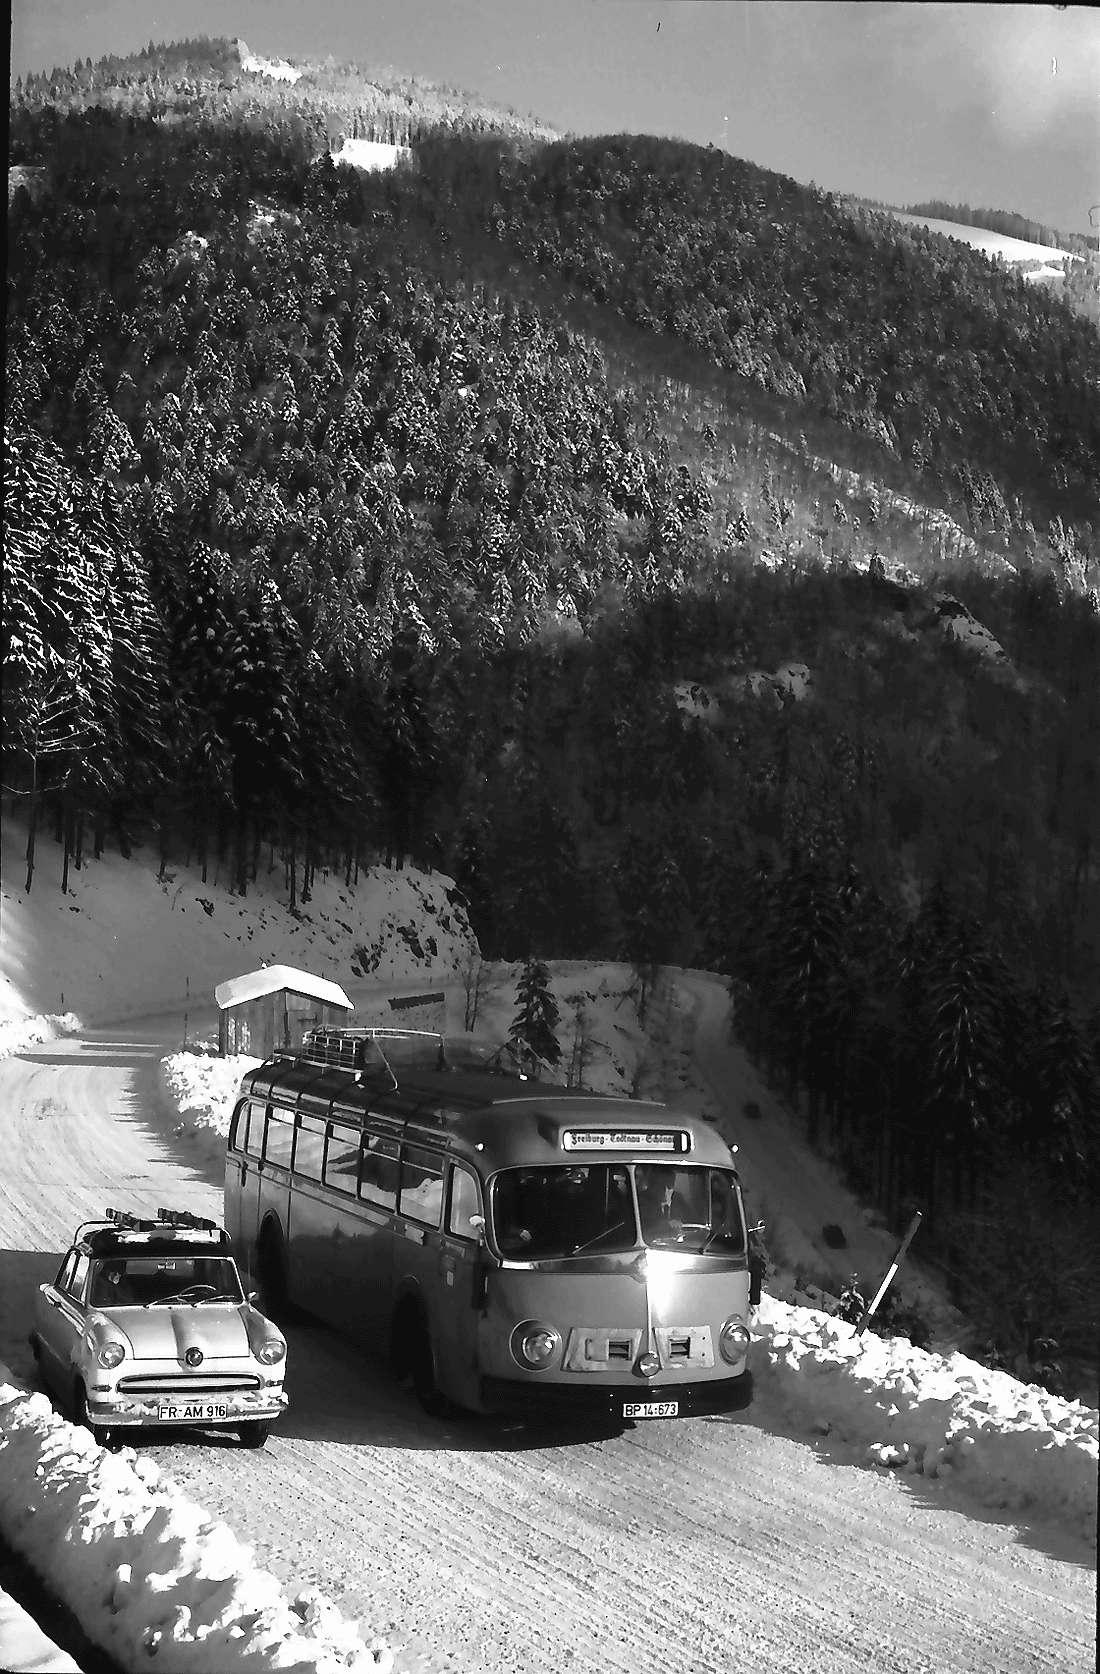 Oberried: Postbus auf der Oberrieder Straße; auf der Steige; überholt Pinguin, Bild 1